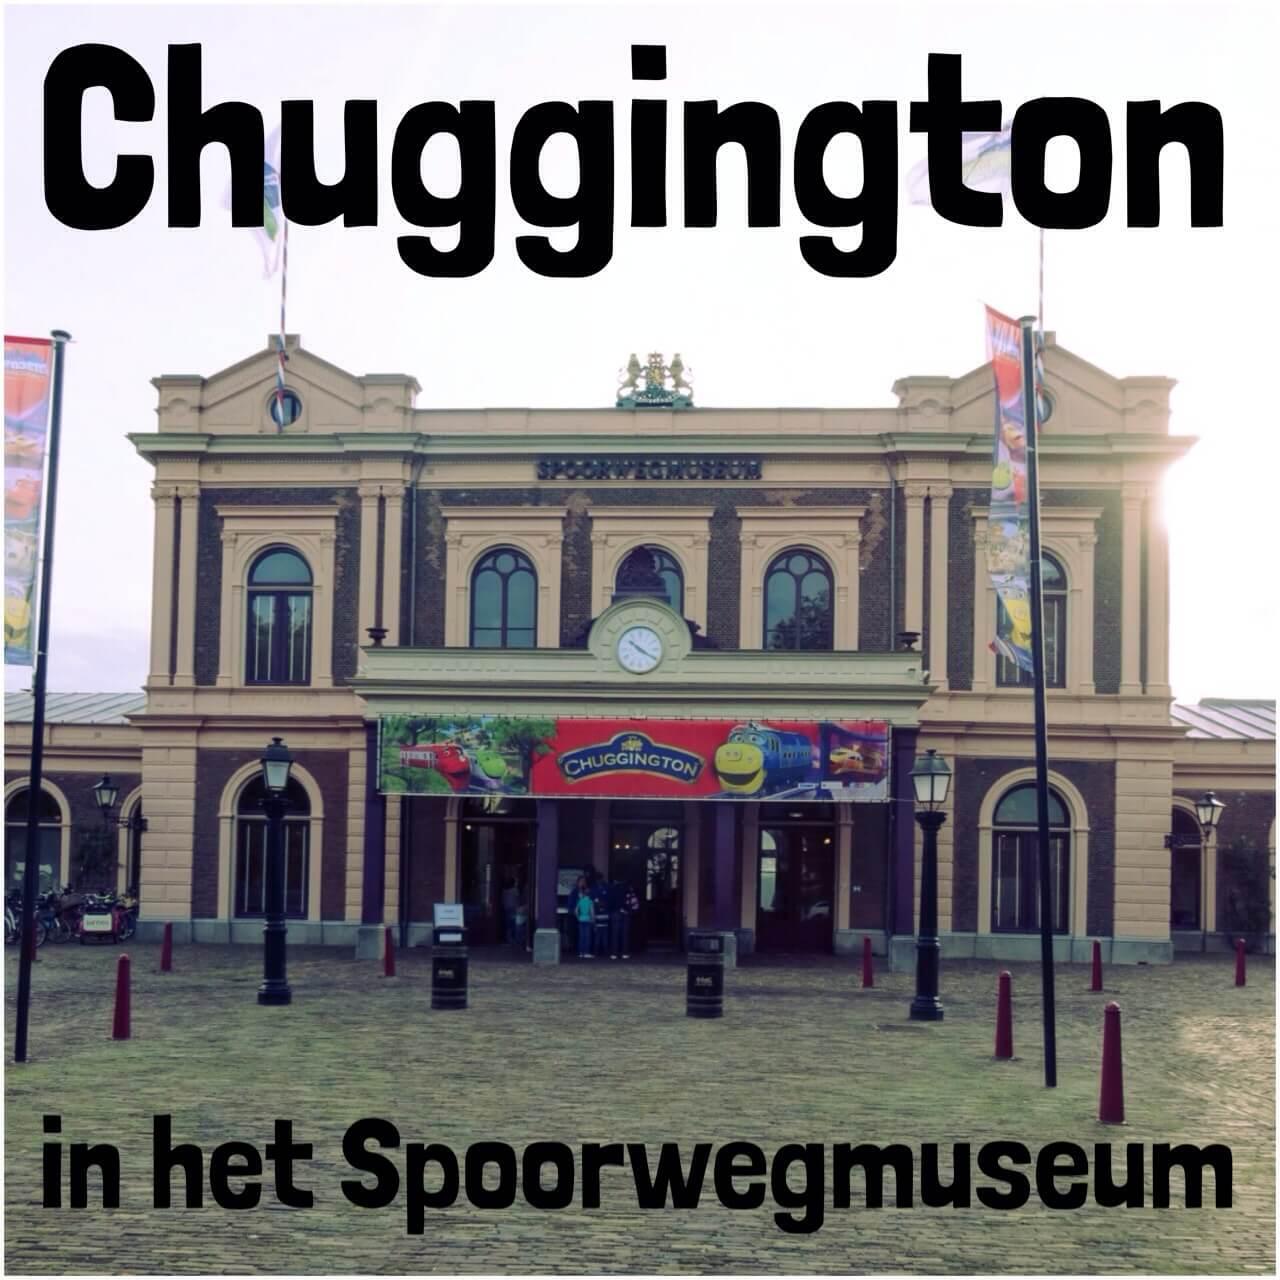 Ontdek Chuggington in het Spoorwegmuseum